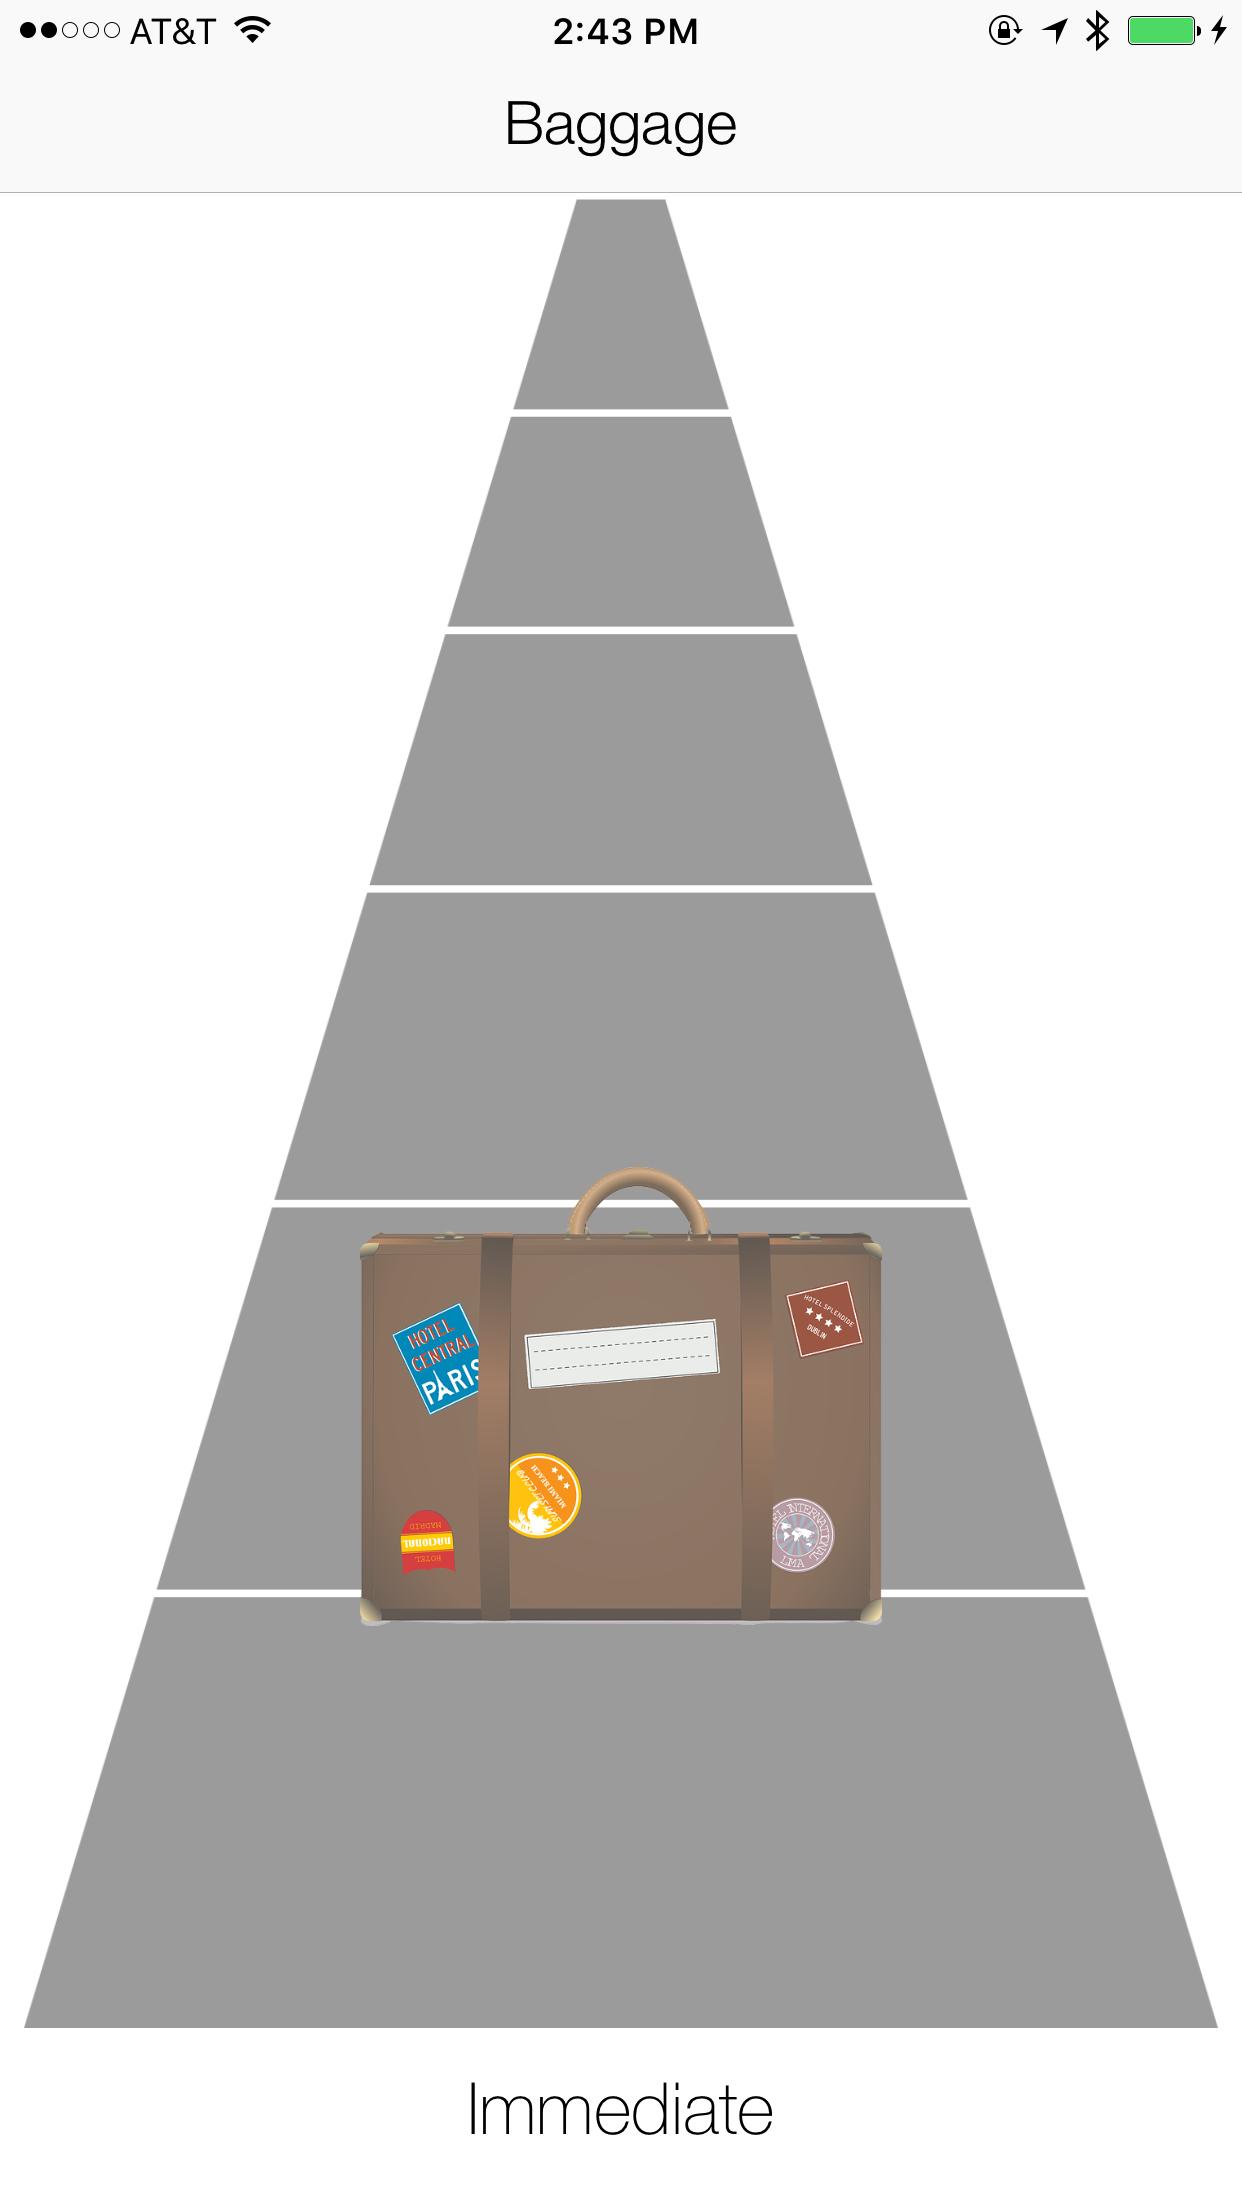 Baggage App Screenshot